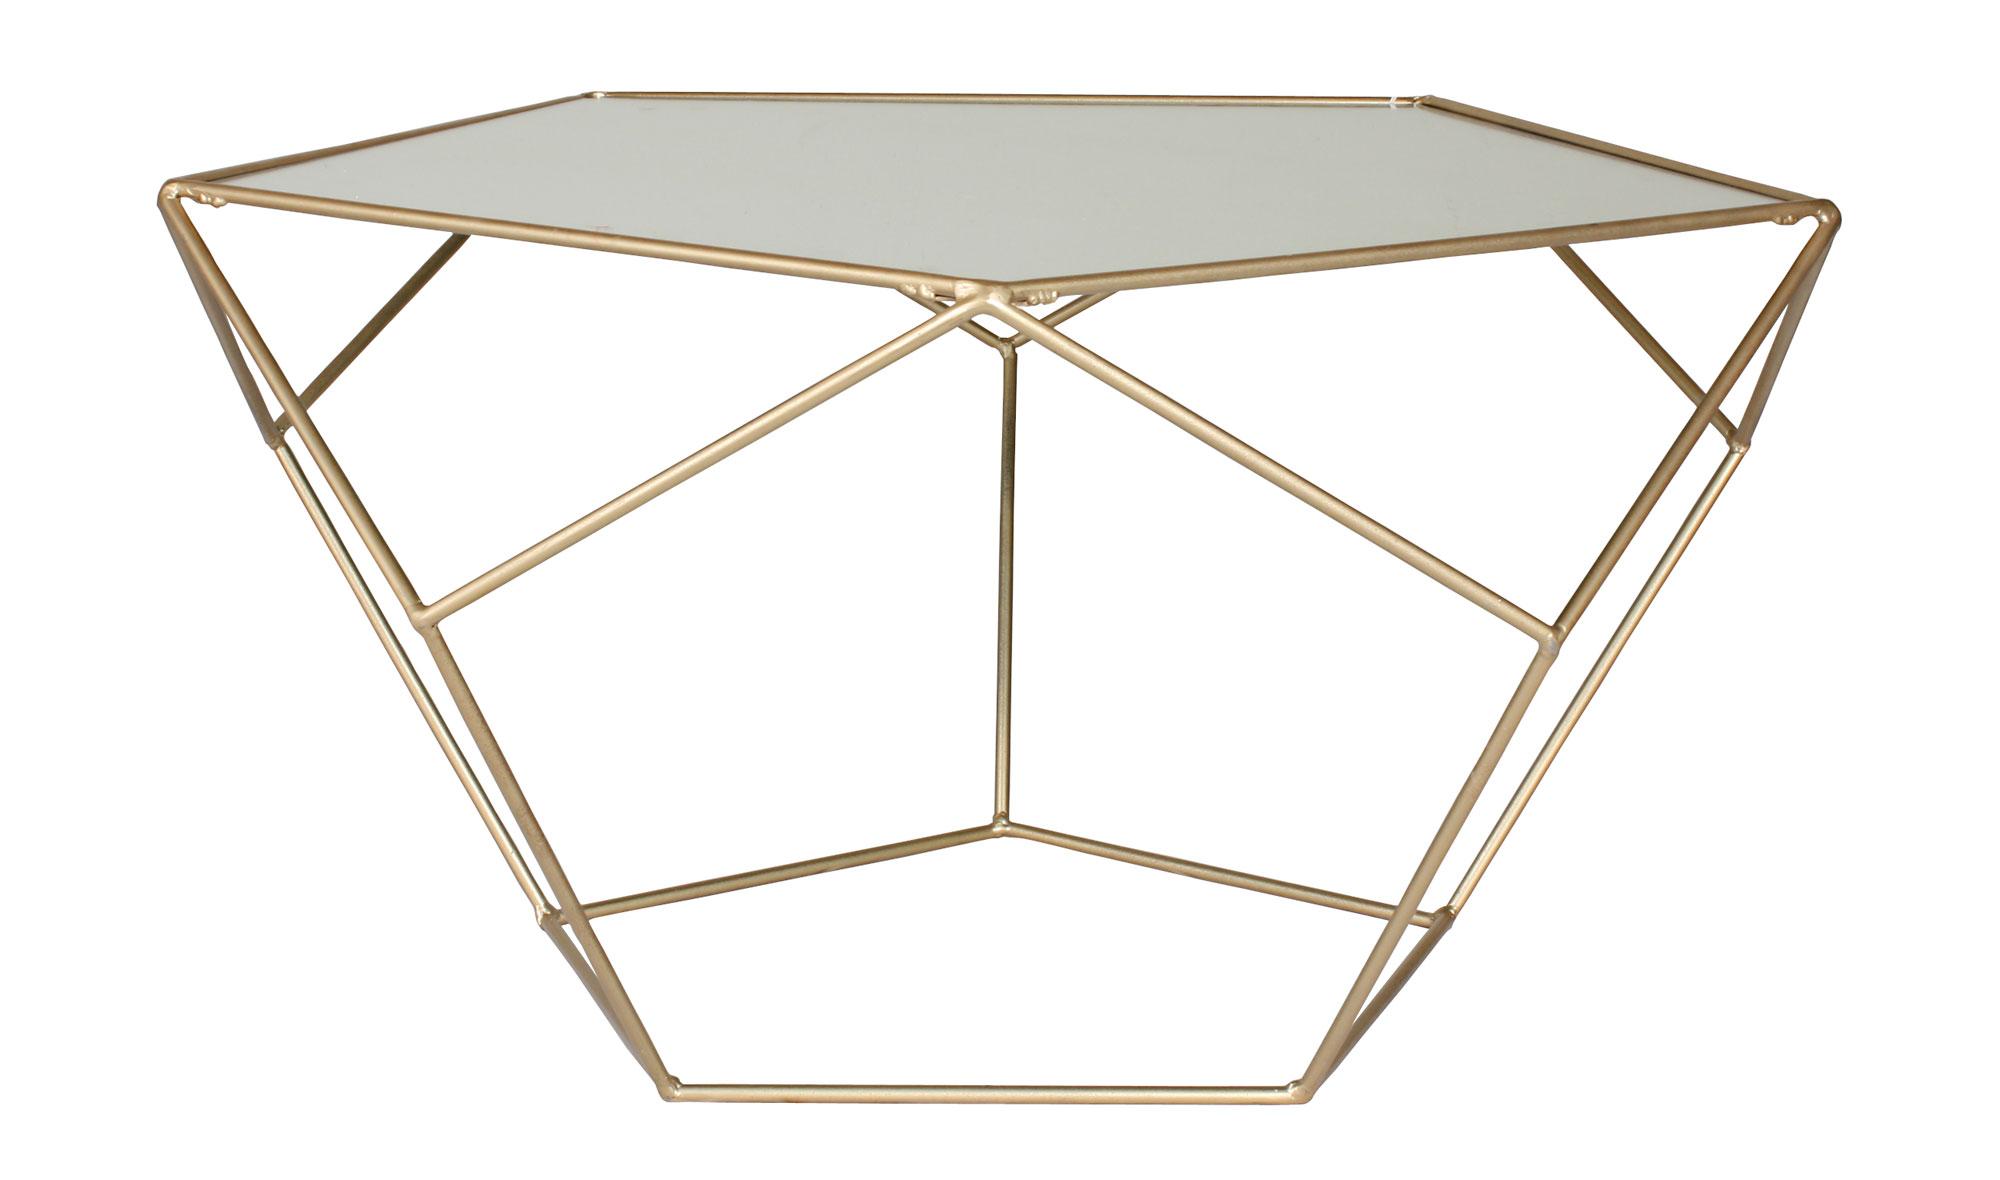 Mesa de centro dorada moderna dodecaedro en - Mesa auxiliar dorada ...